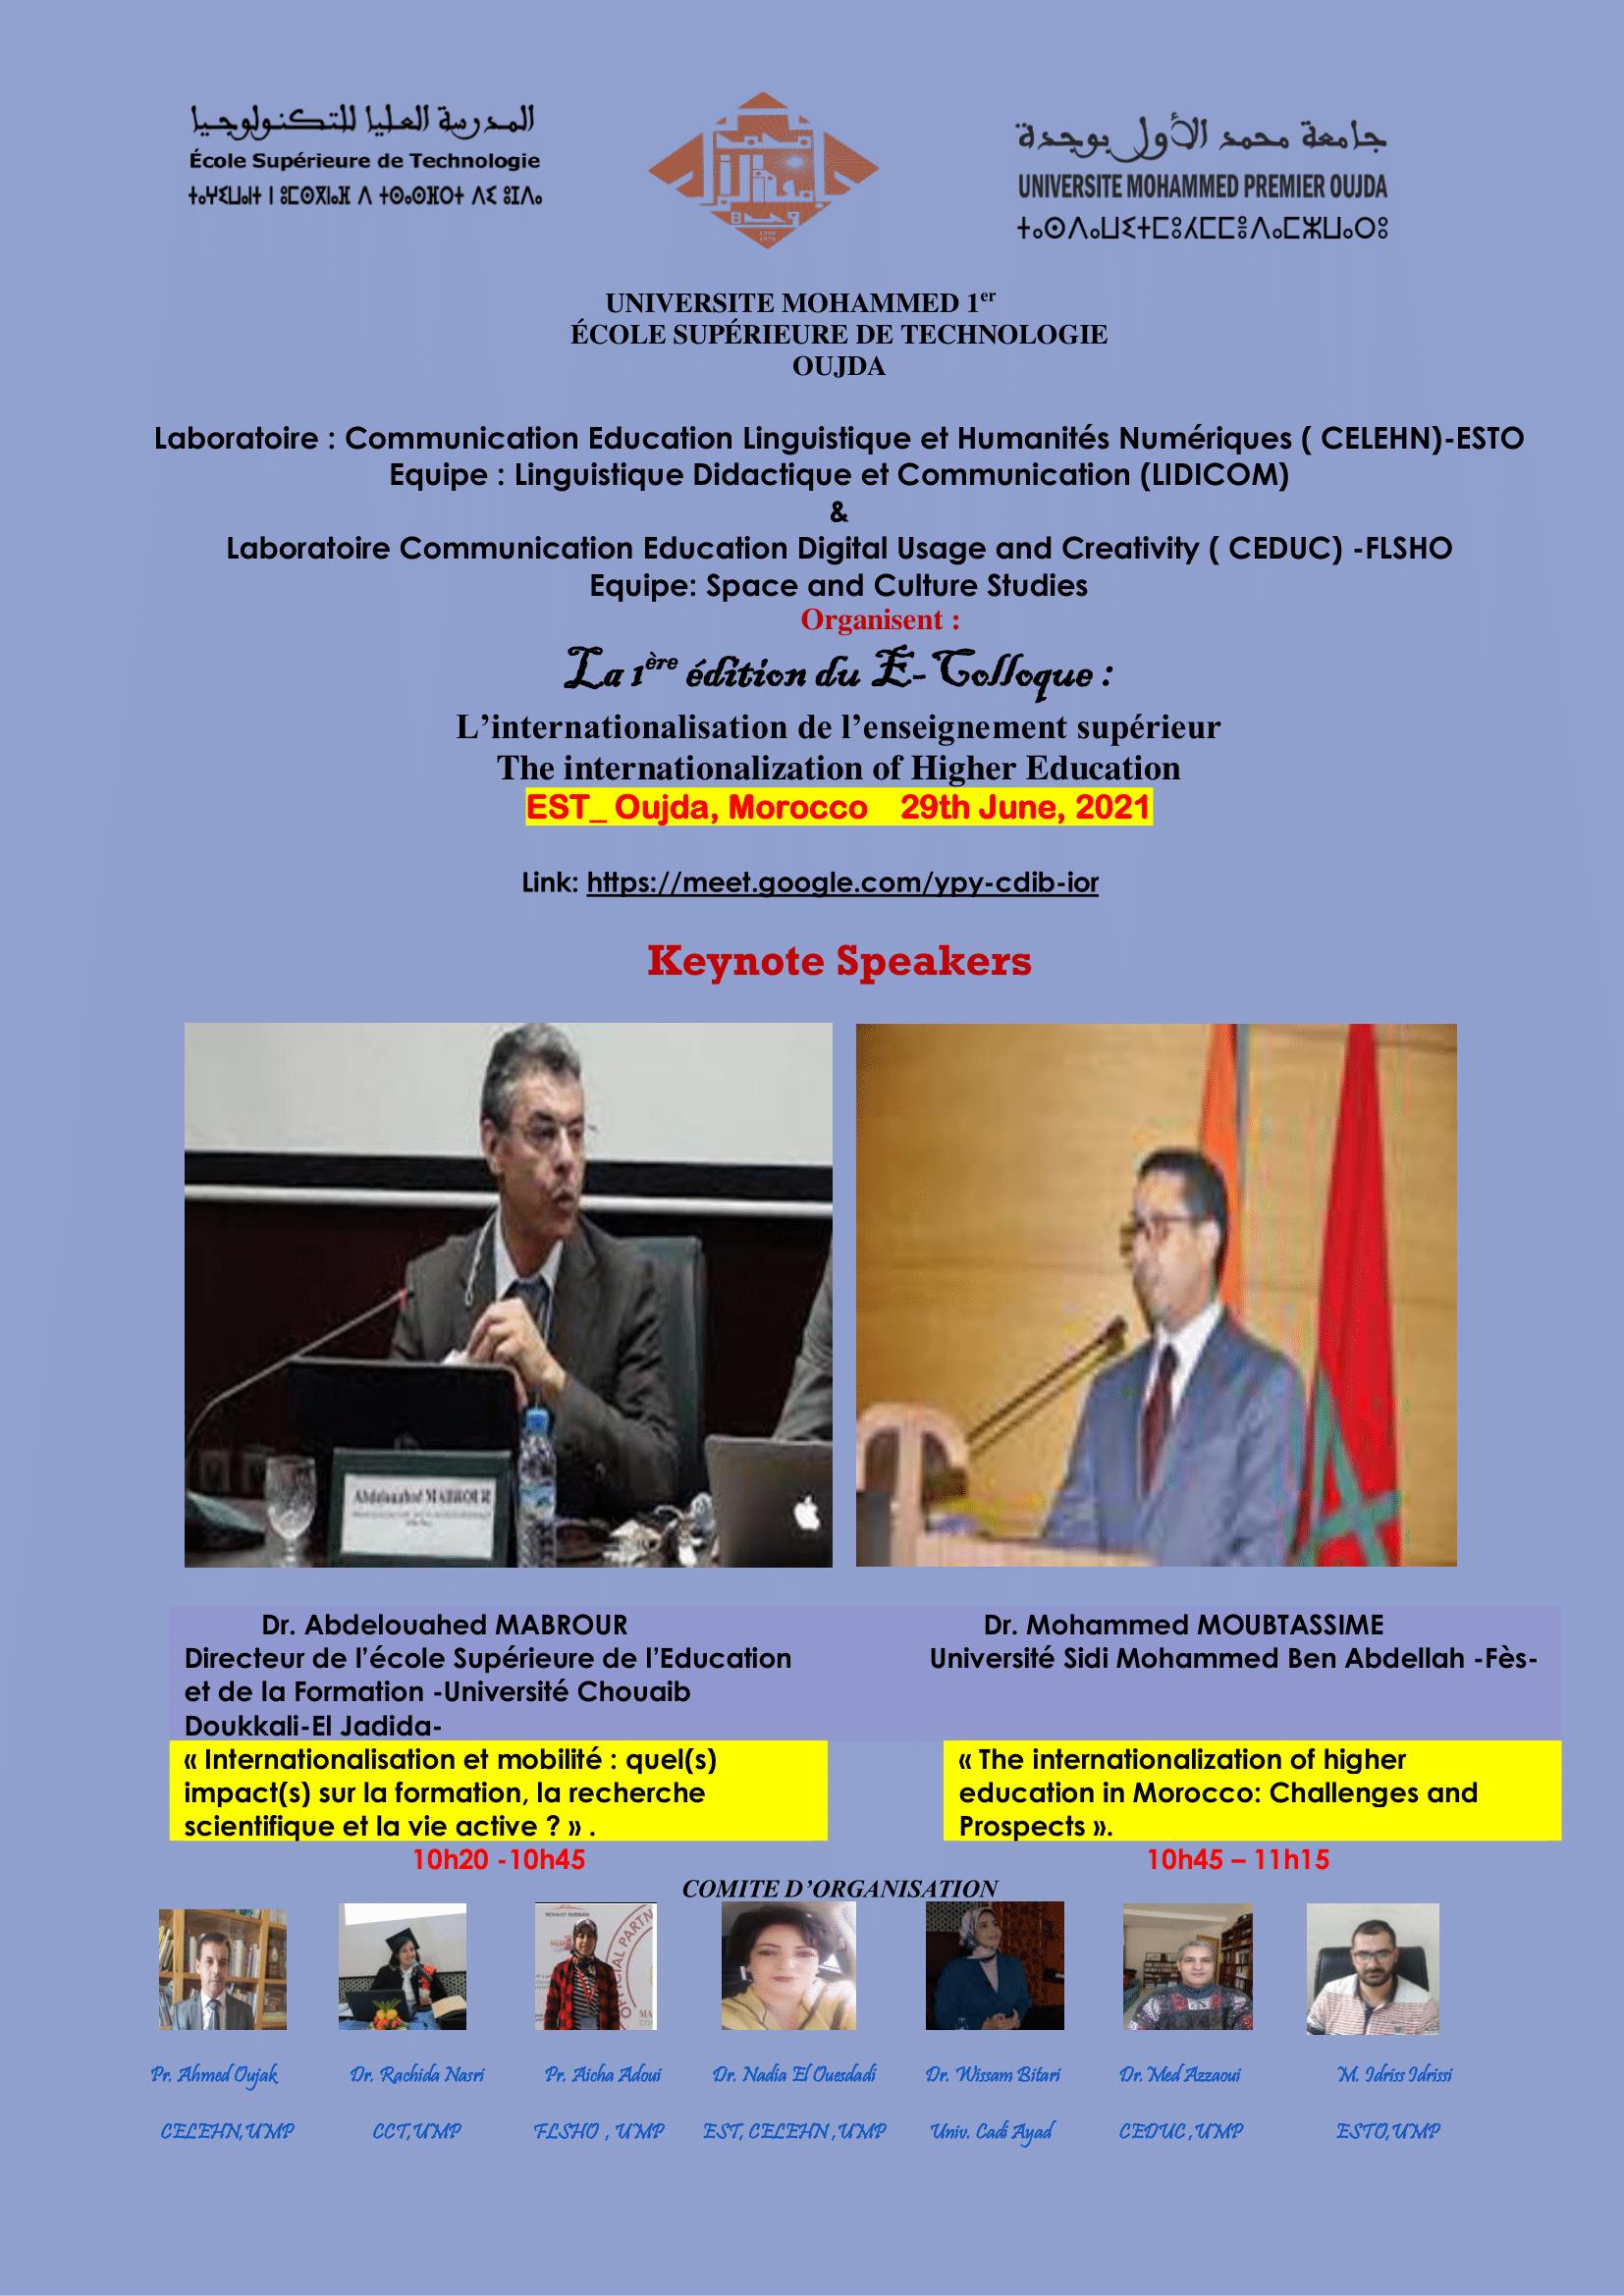 La 1 ère édition du E-Colloque : L'Internationalisation de l'enseignement supérieur The Internationalization of Higher Education